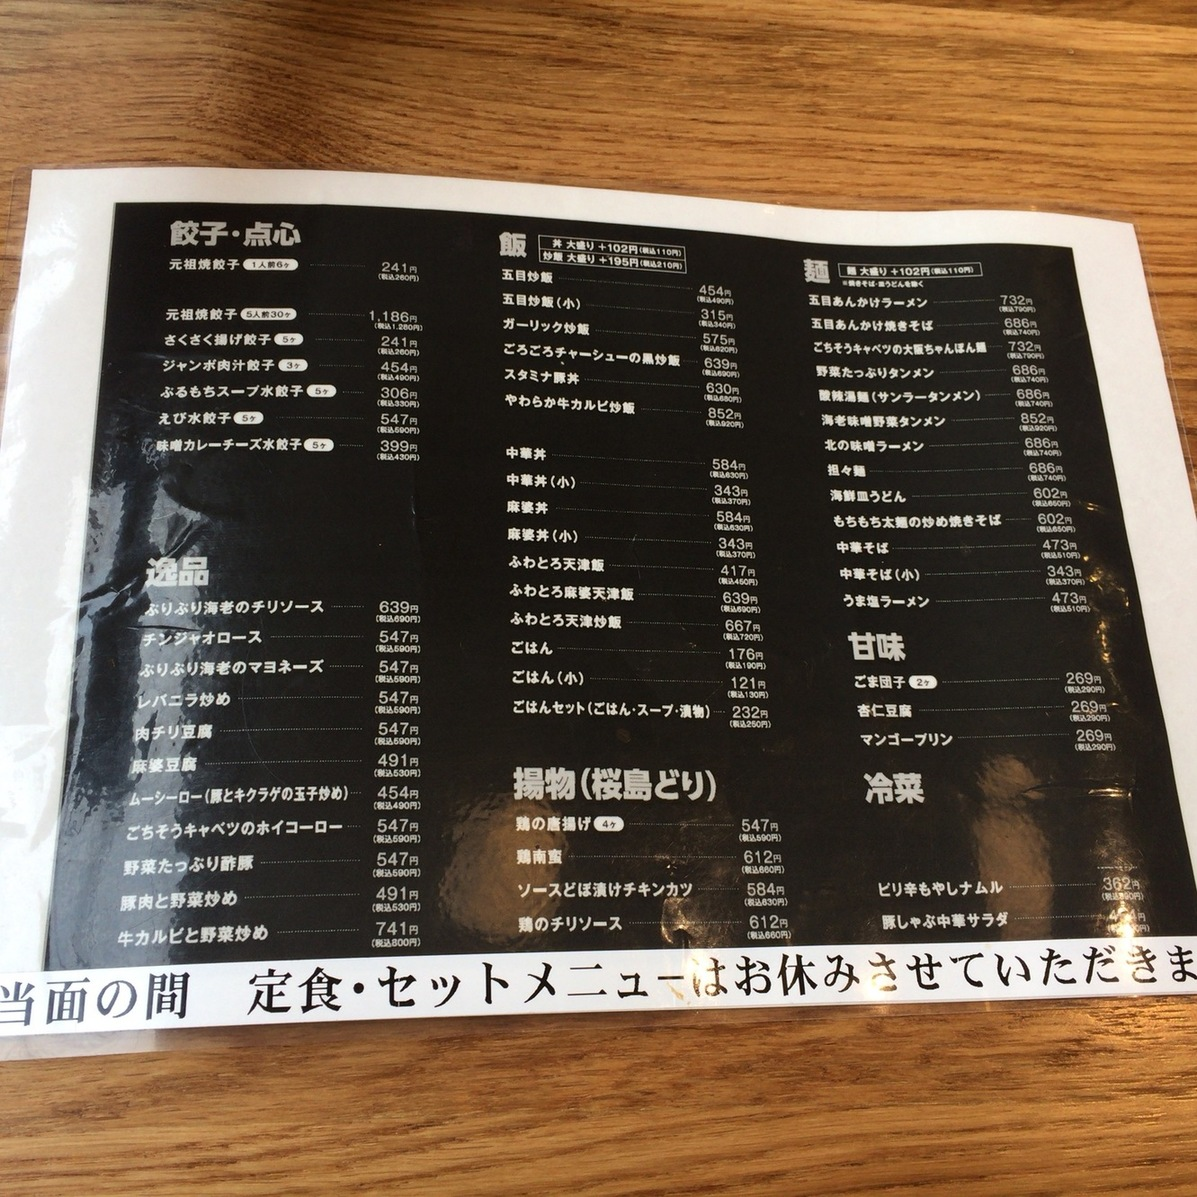 大阪王将 函館桔梗店